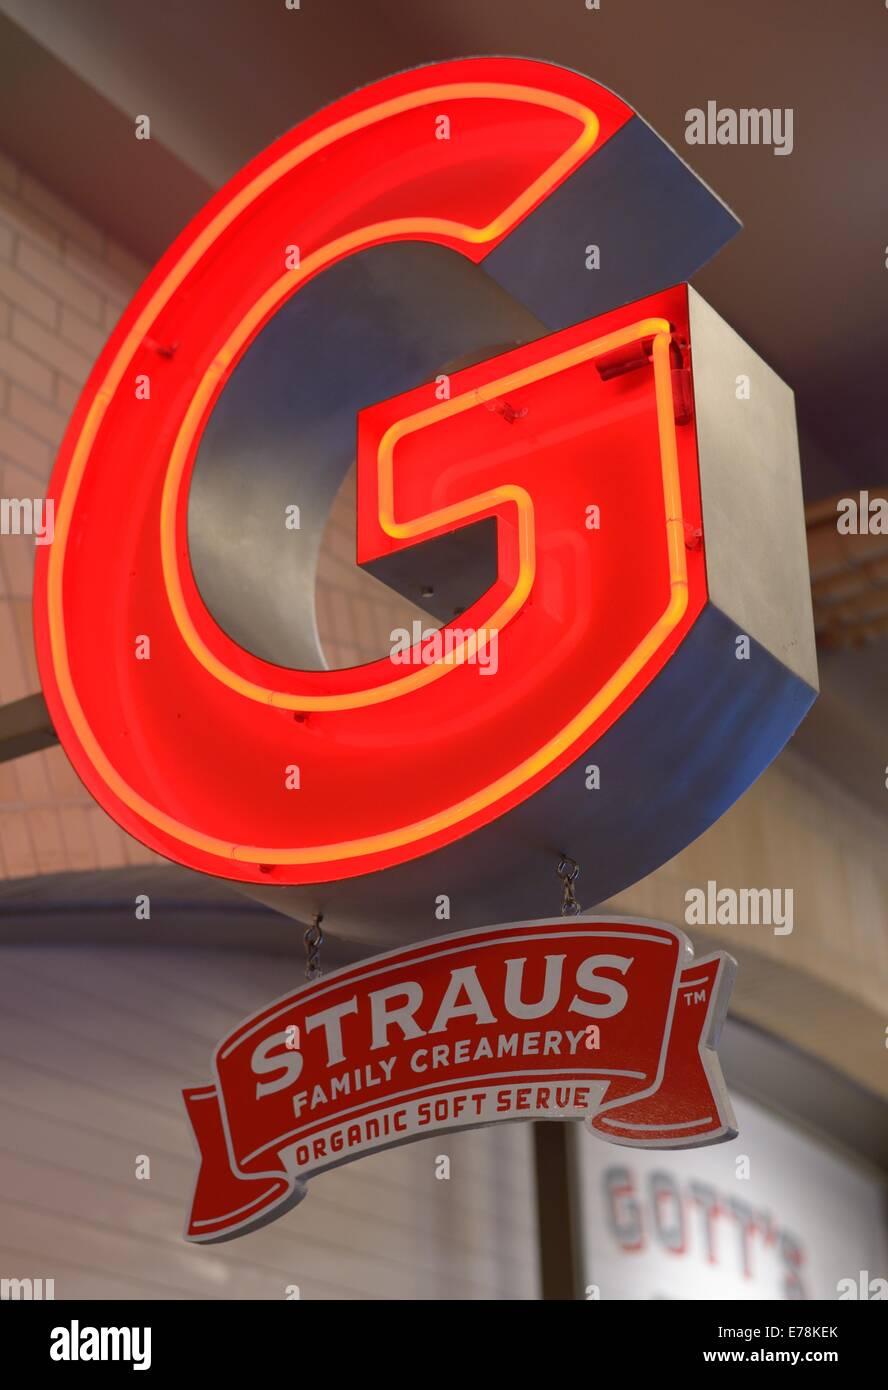 Straus famiglia Creamery al Embarcadero Ferry Building, San Francisco CA Immagini Stock